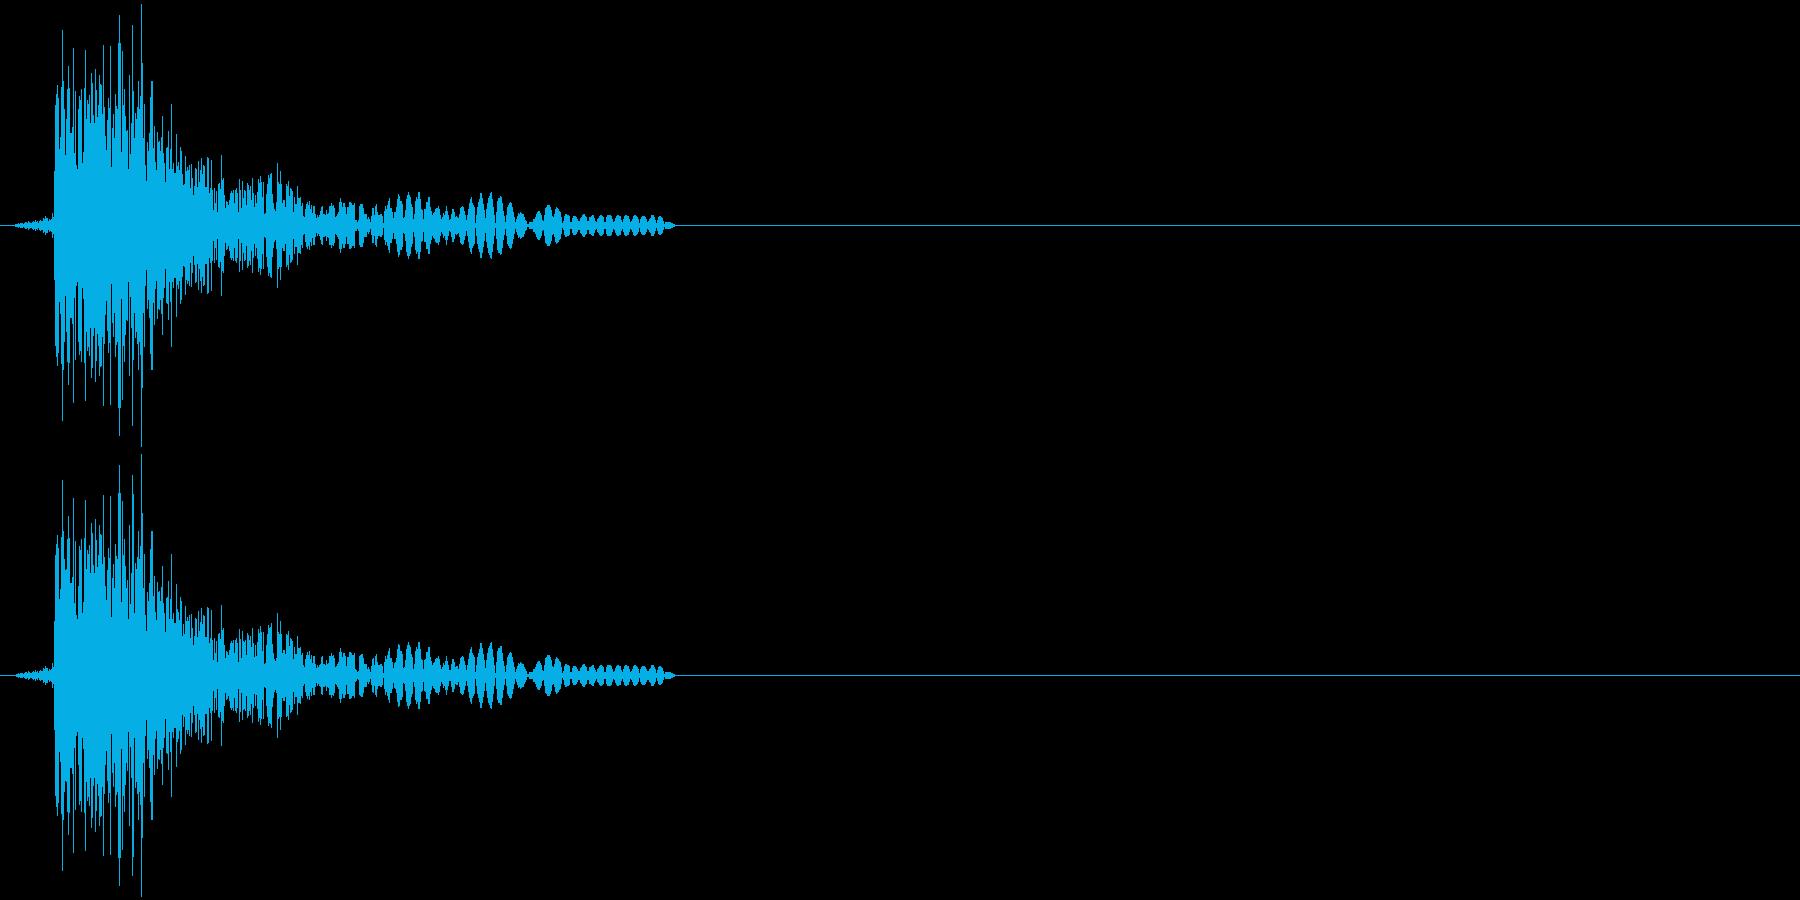 ジャン!(決定、アプリ、ゲーム)の再生済みの波形